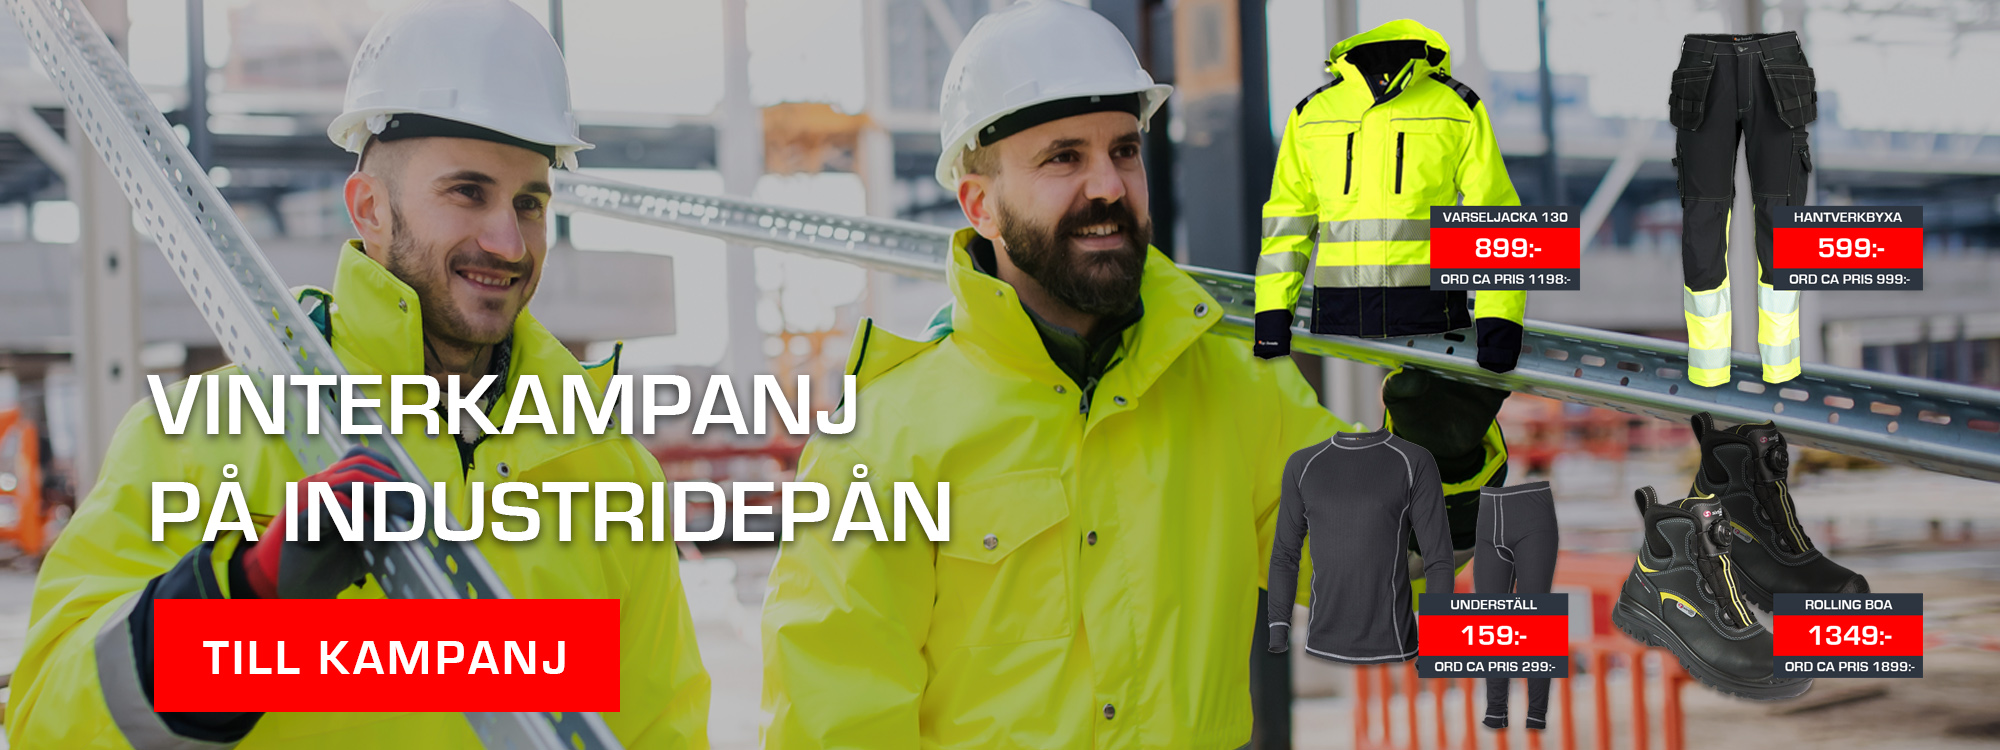 Topswede-arbetskläder